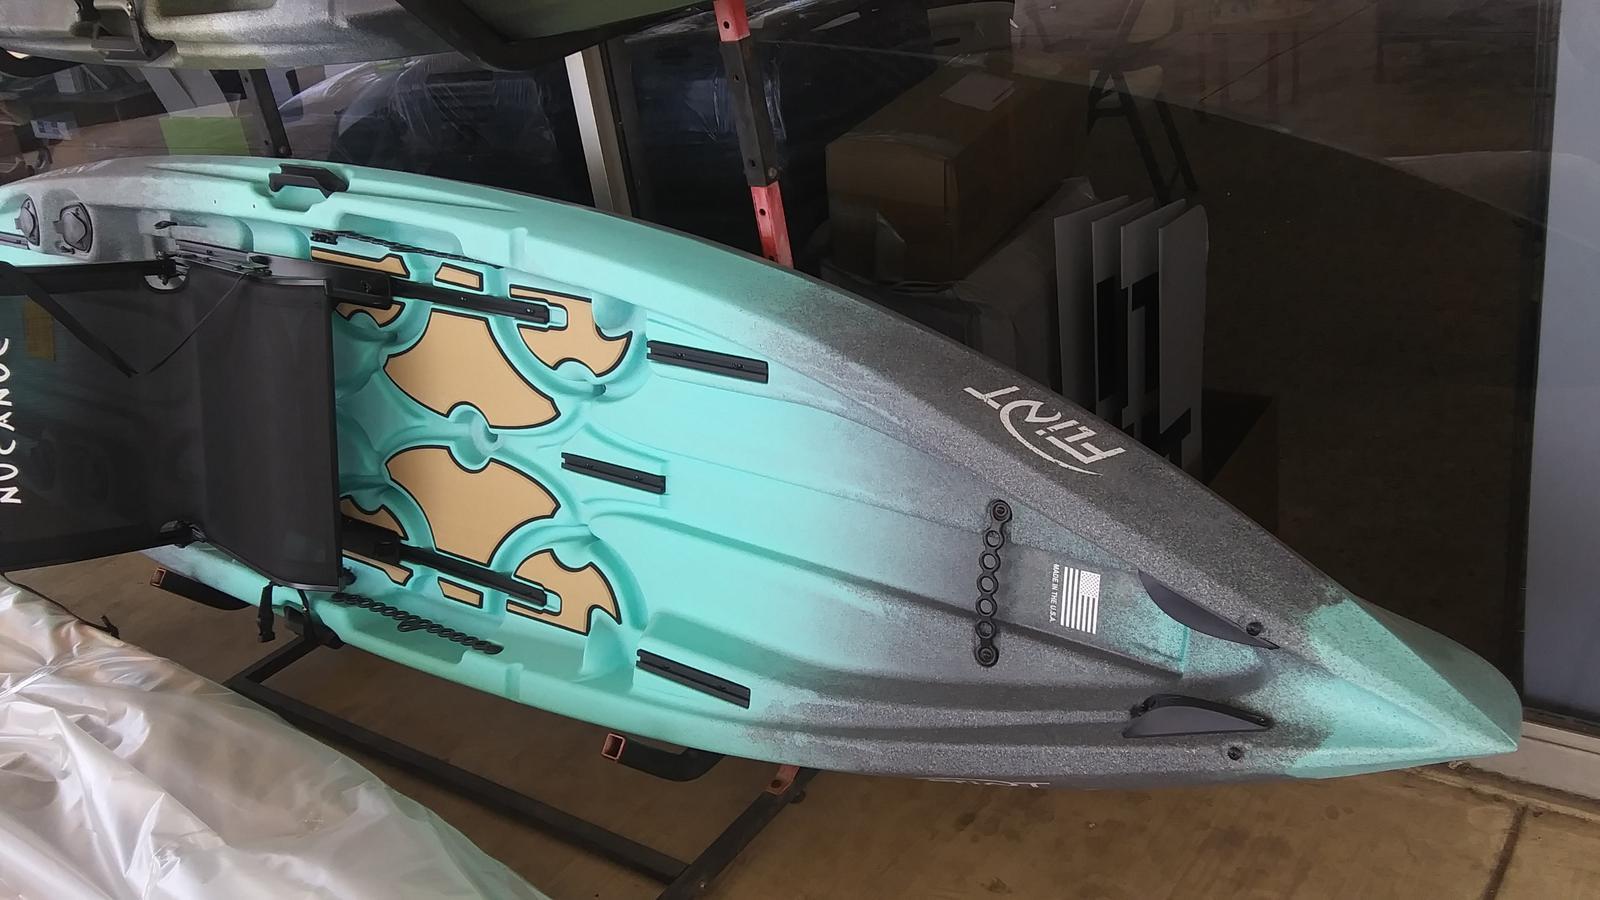 2021 NuCanoe boat for sale, model of the boat is Flint & Image # 2 of 4